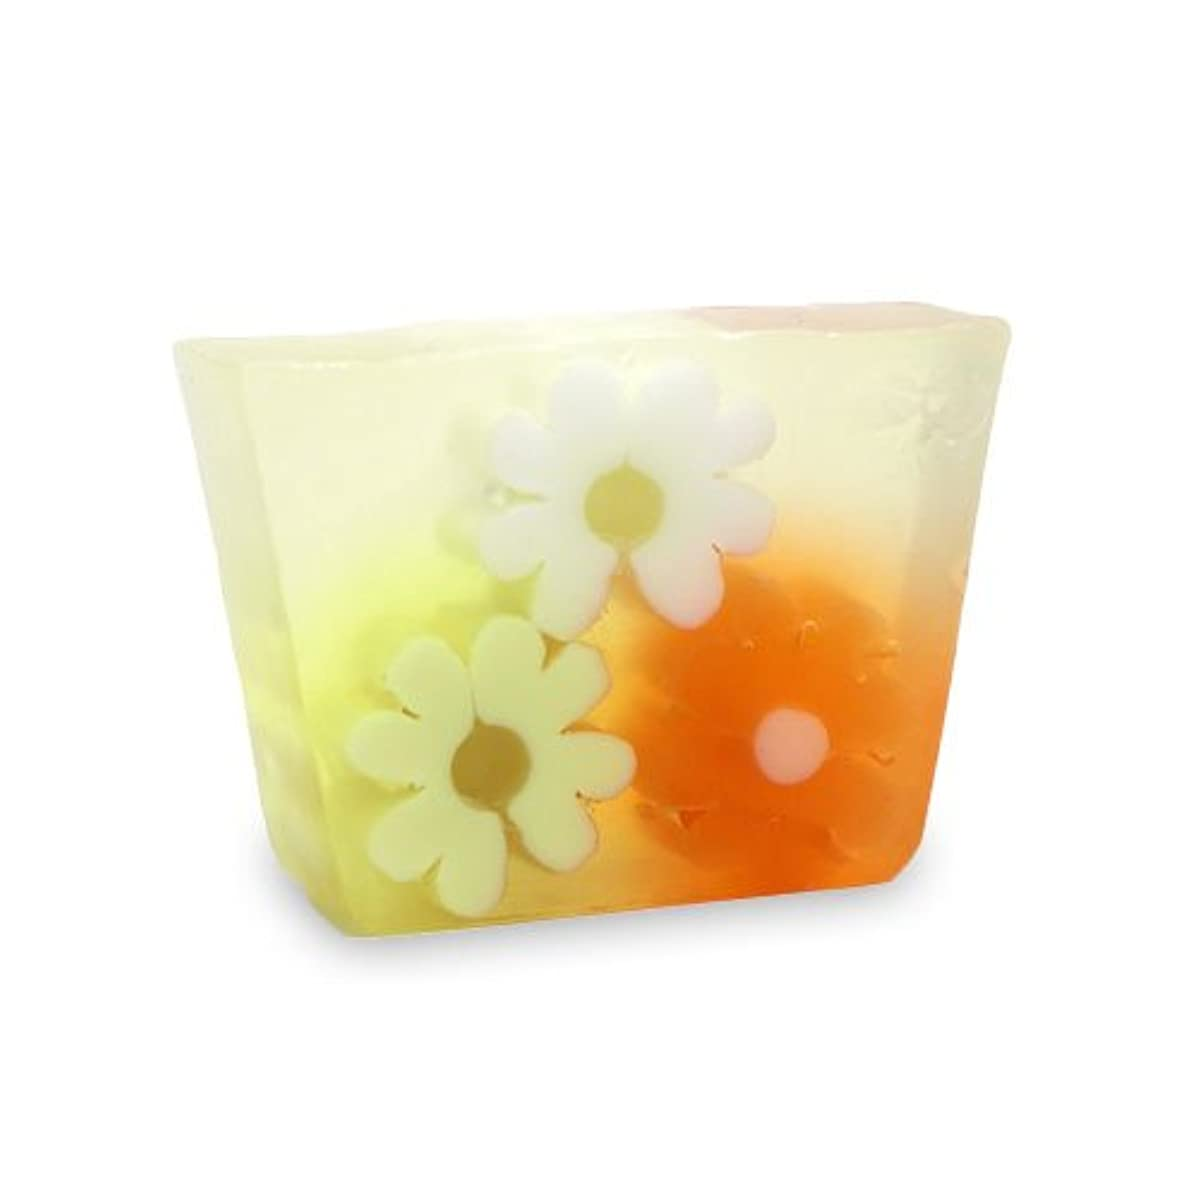 ツイン原油意図的プライモールエレメンツ アロマティック ミニソープ オレンジフラワーショップ 80g 植物性 ナチュラル 石鹸 無添加